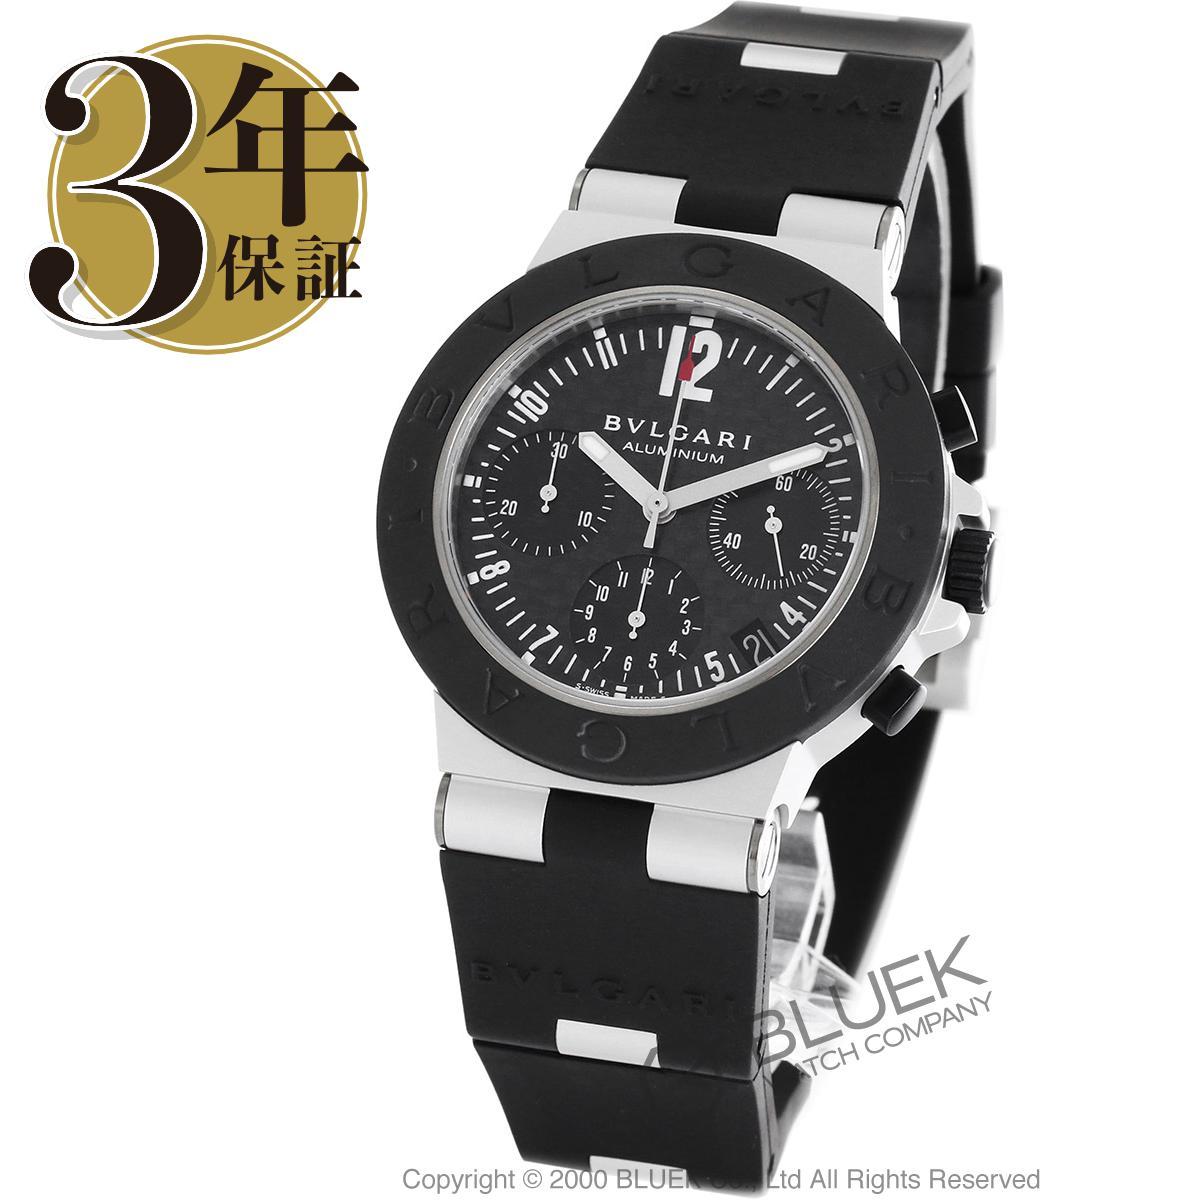 ブルガリ ディアゴノ アルミニウム クロノグラフ 腕時計 メンズ BVLGARI AC38BTAVD_8